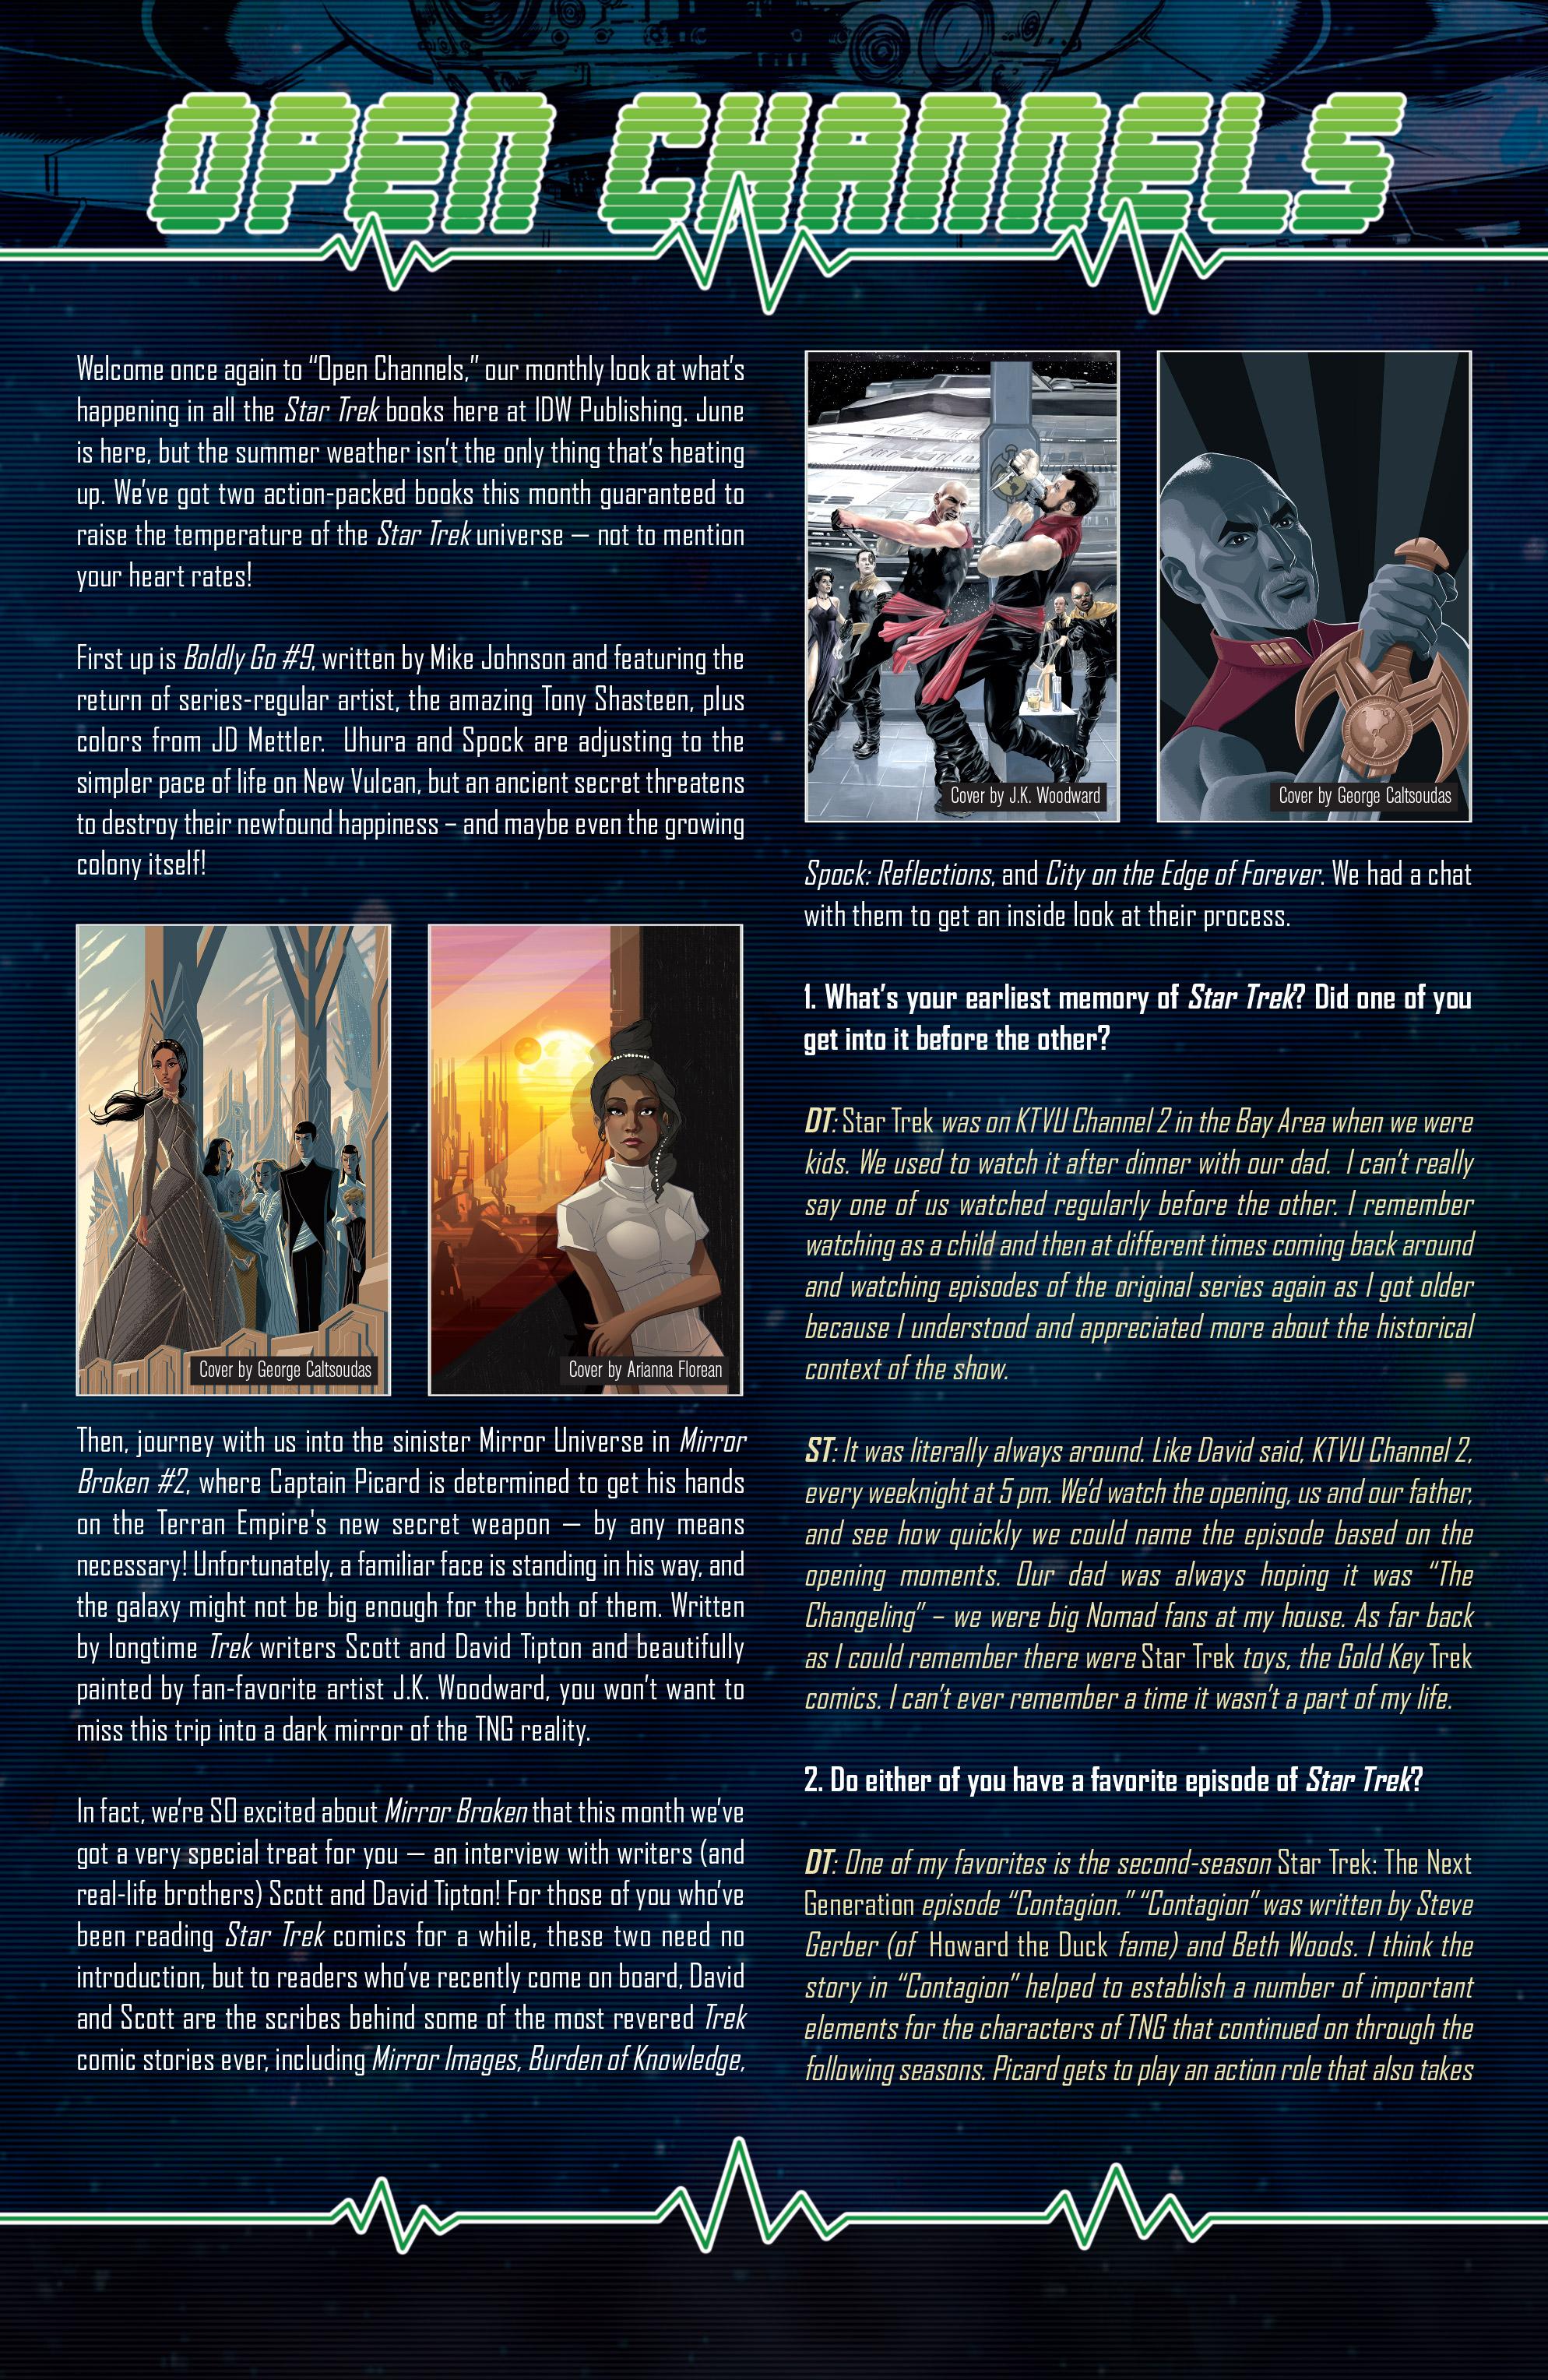 Read online Star Trek: Boldly Go comic -  Issue #9 - 23